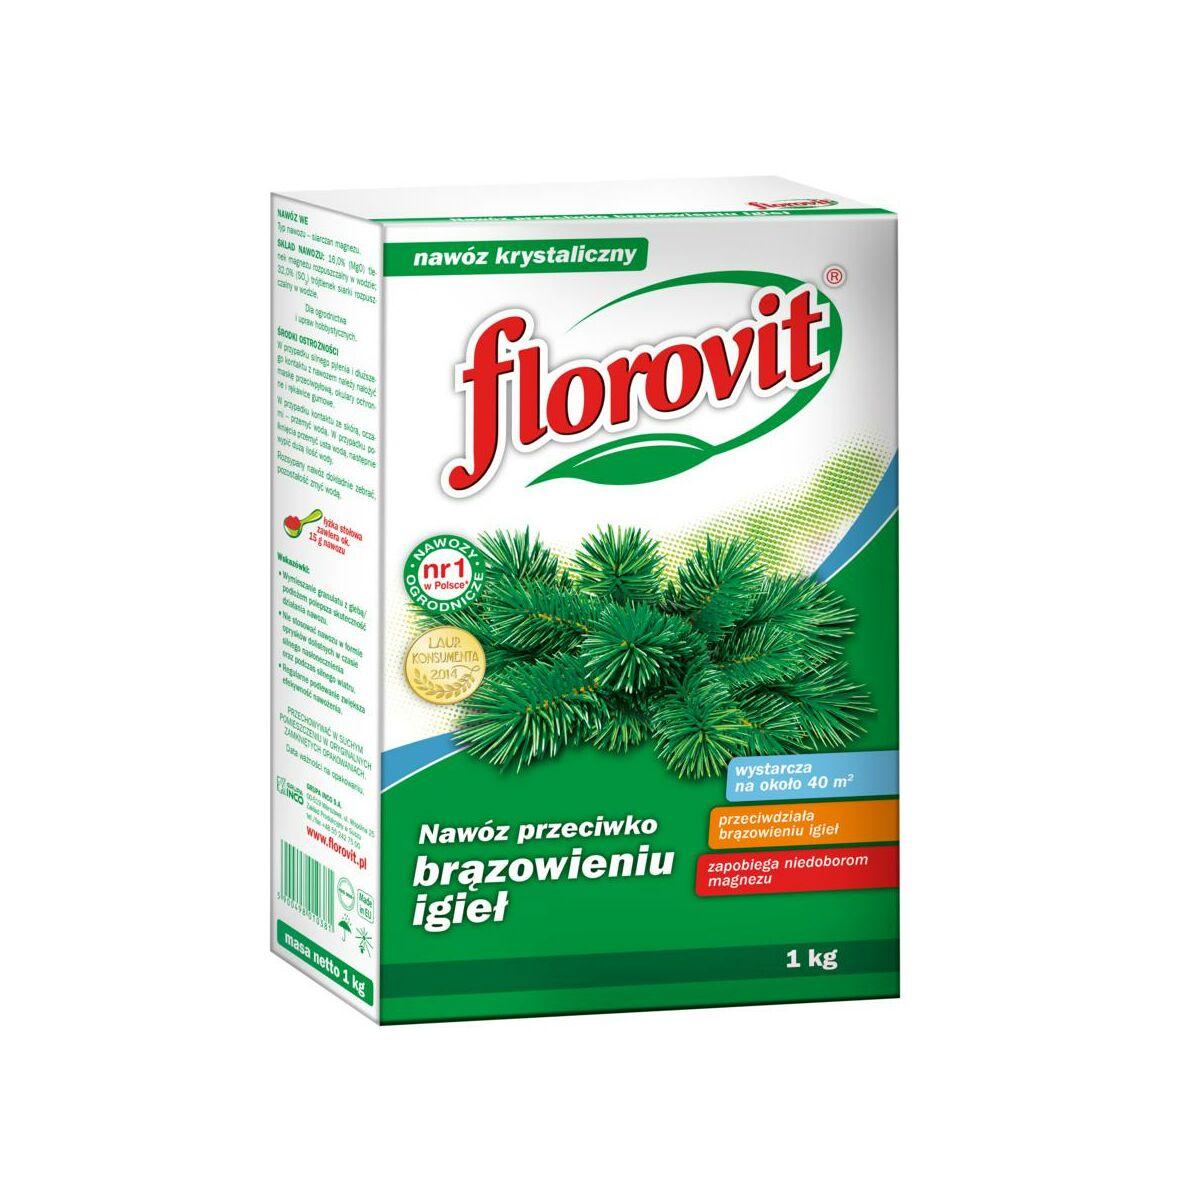 Nawóz do iglaków 1 kg FLOROVIT